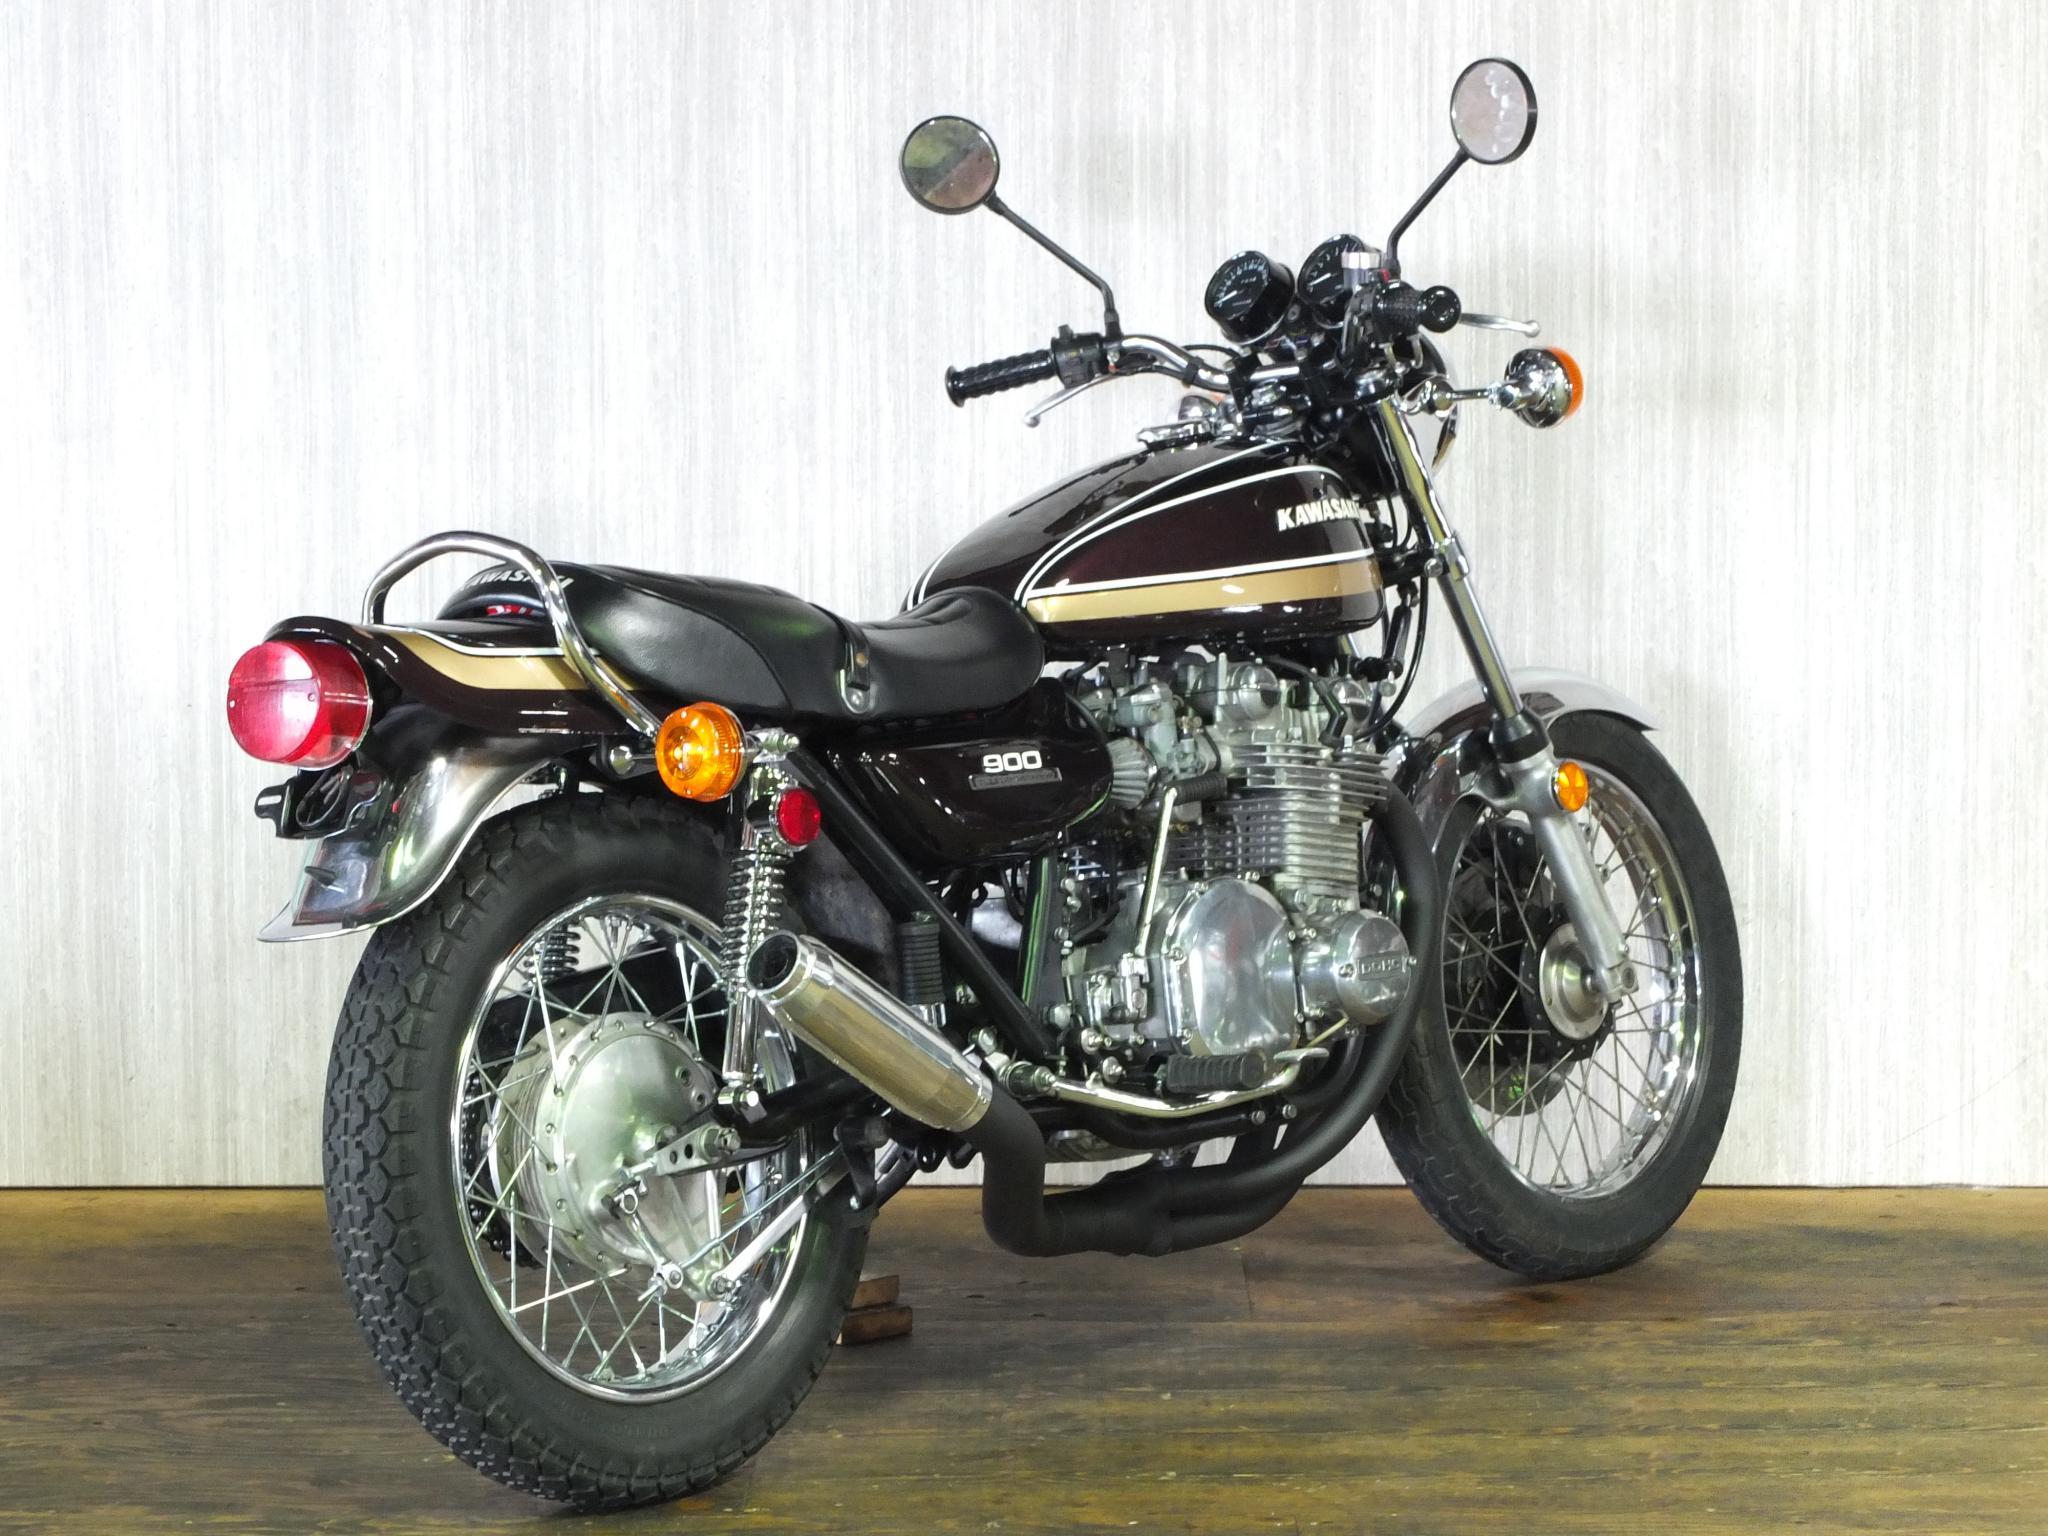 カワサキ 1975 Kawasaki Z900 Z1 車体写真3